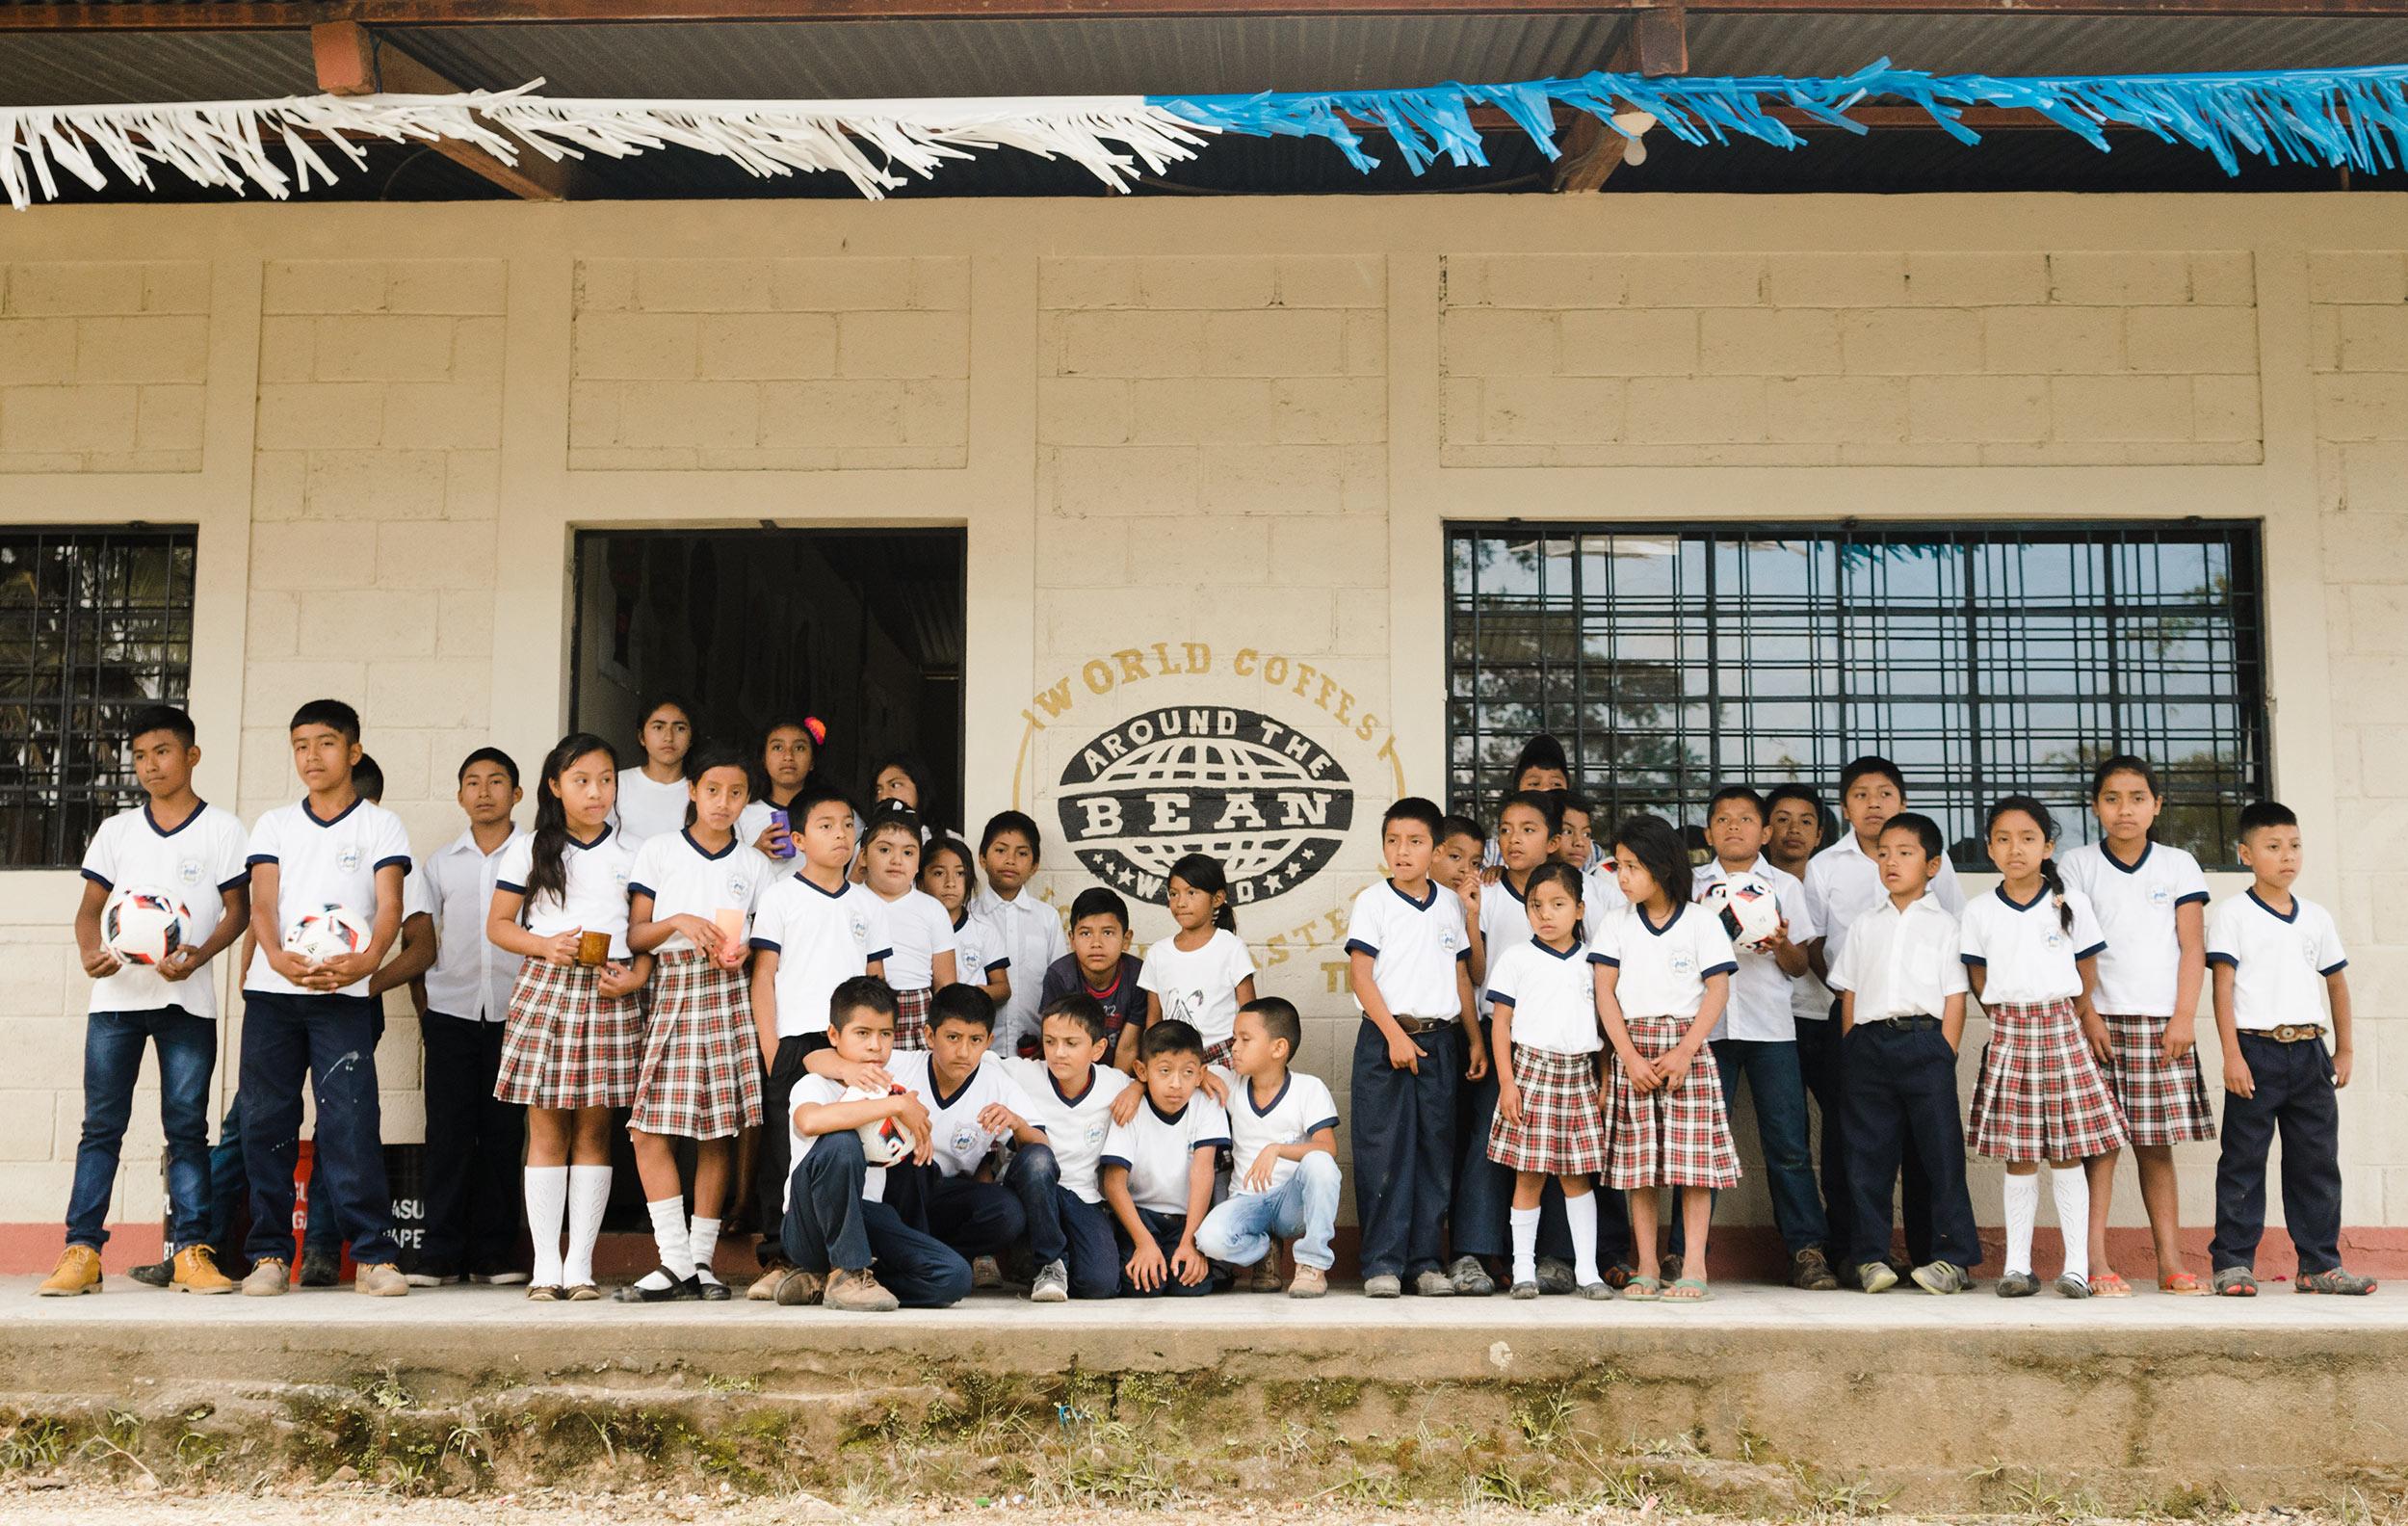 Escuela Privada Finca Carrizal Bean Around The World school